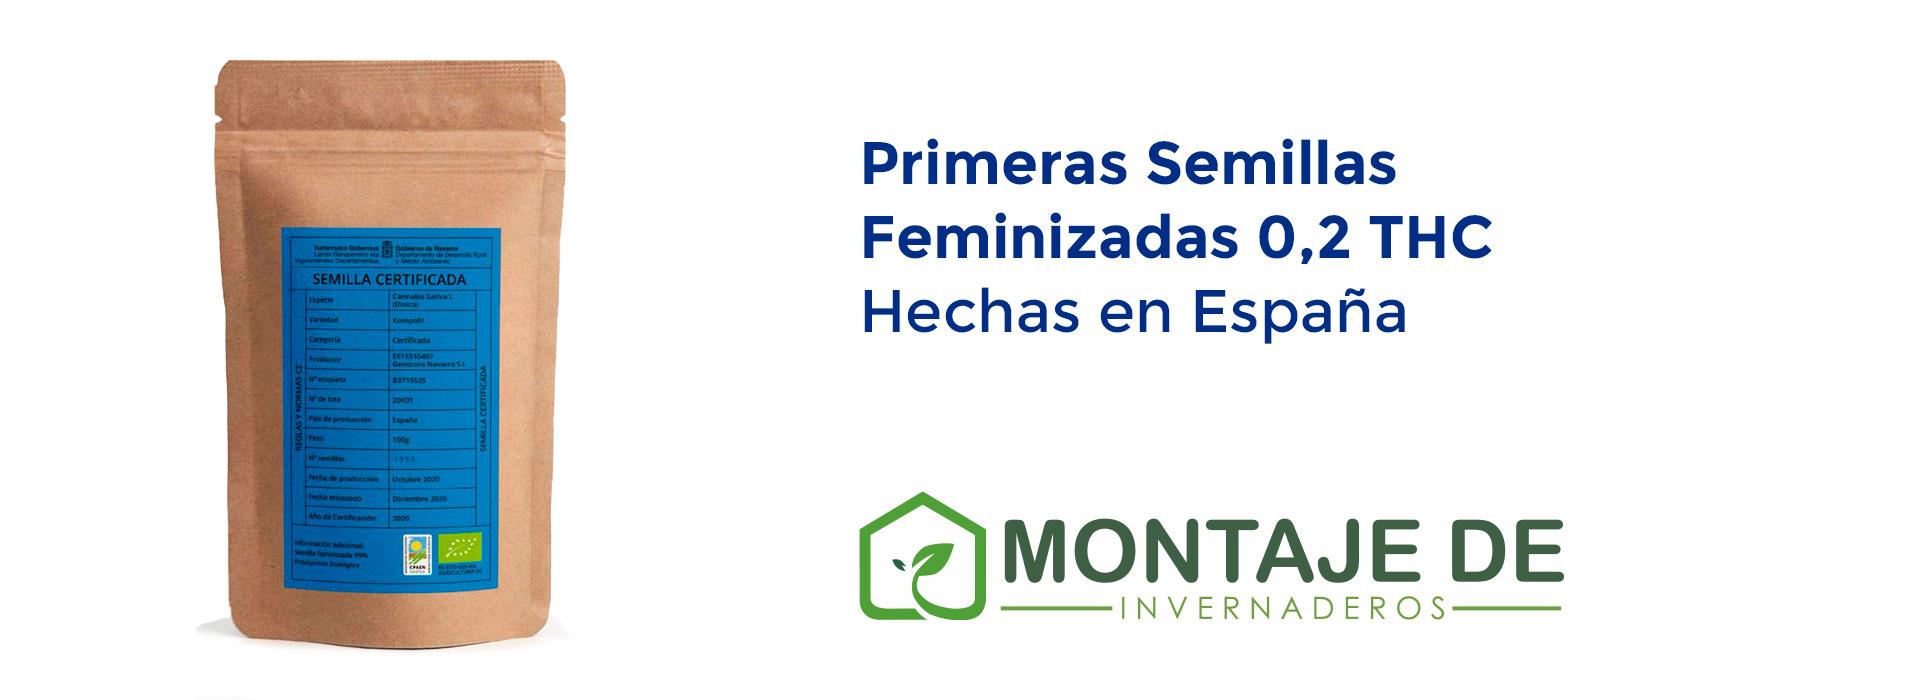 Las primeras semillas feminizadas de 0,2 THC hechas en España con etiquetas registrada en el catálogo Europeo.